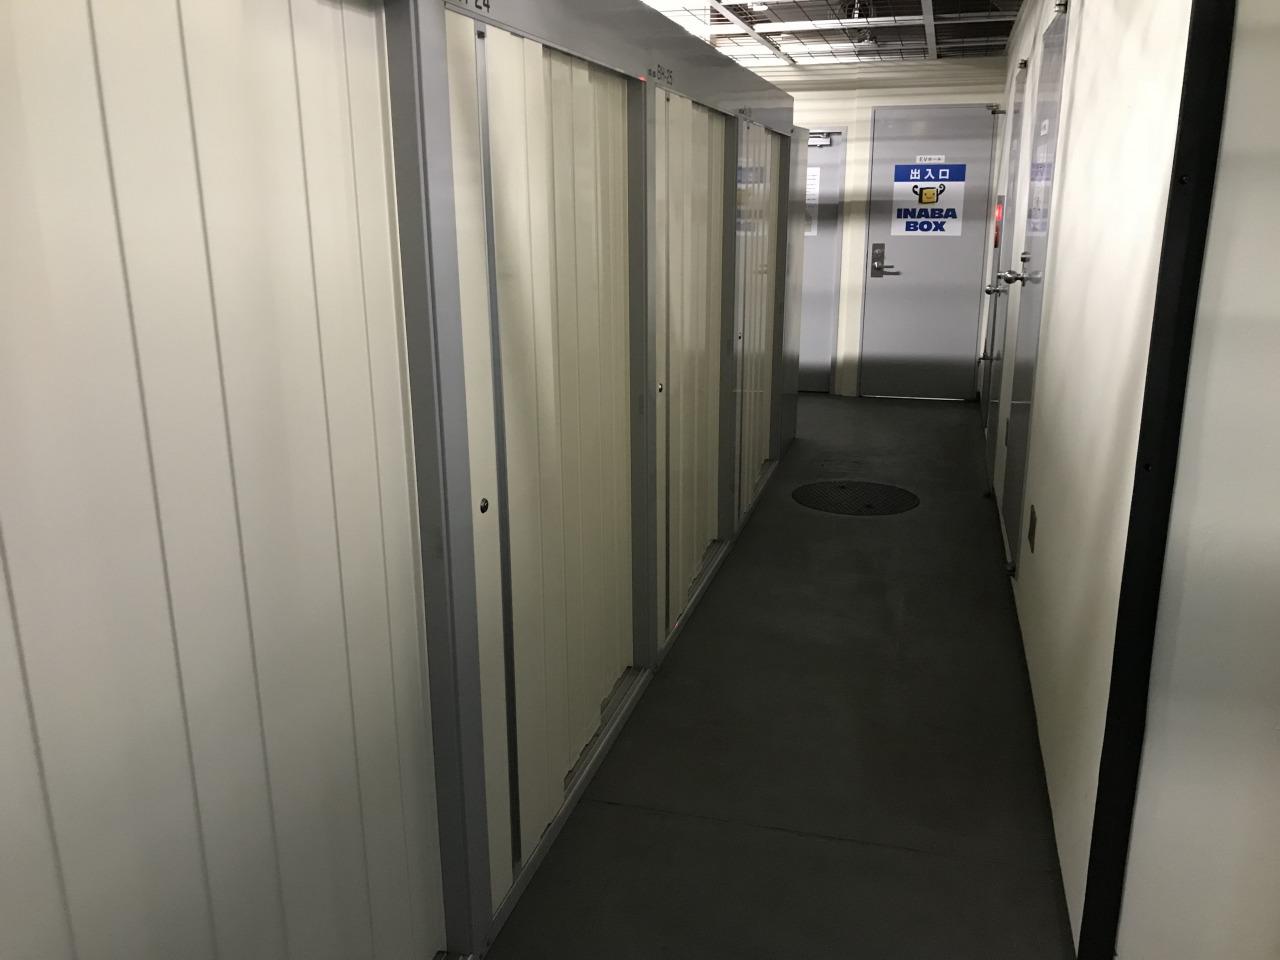 蒲田東口店 倉庫タイプのトランクルームです